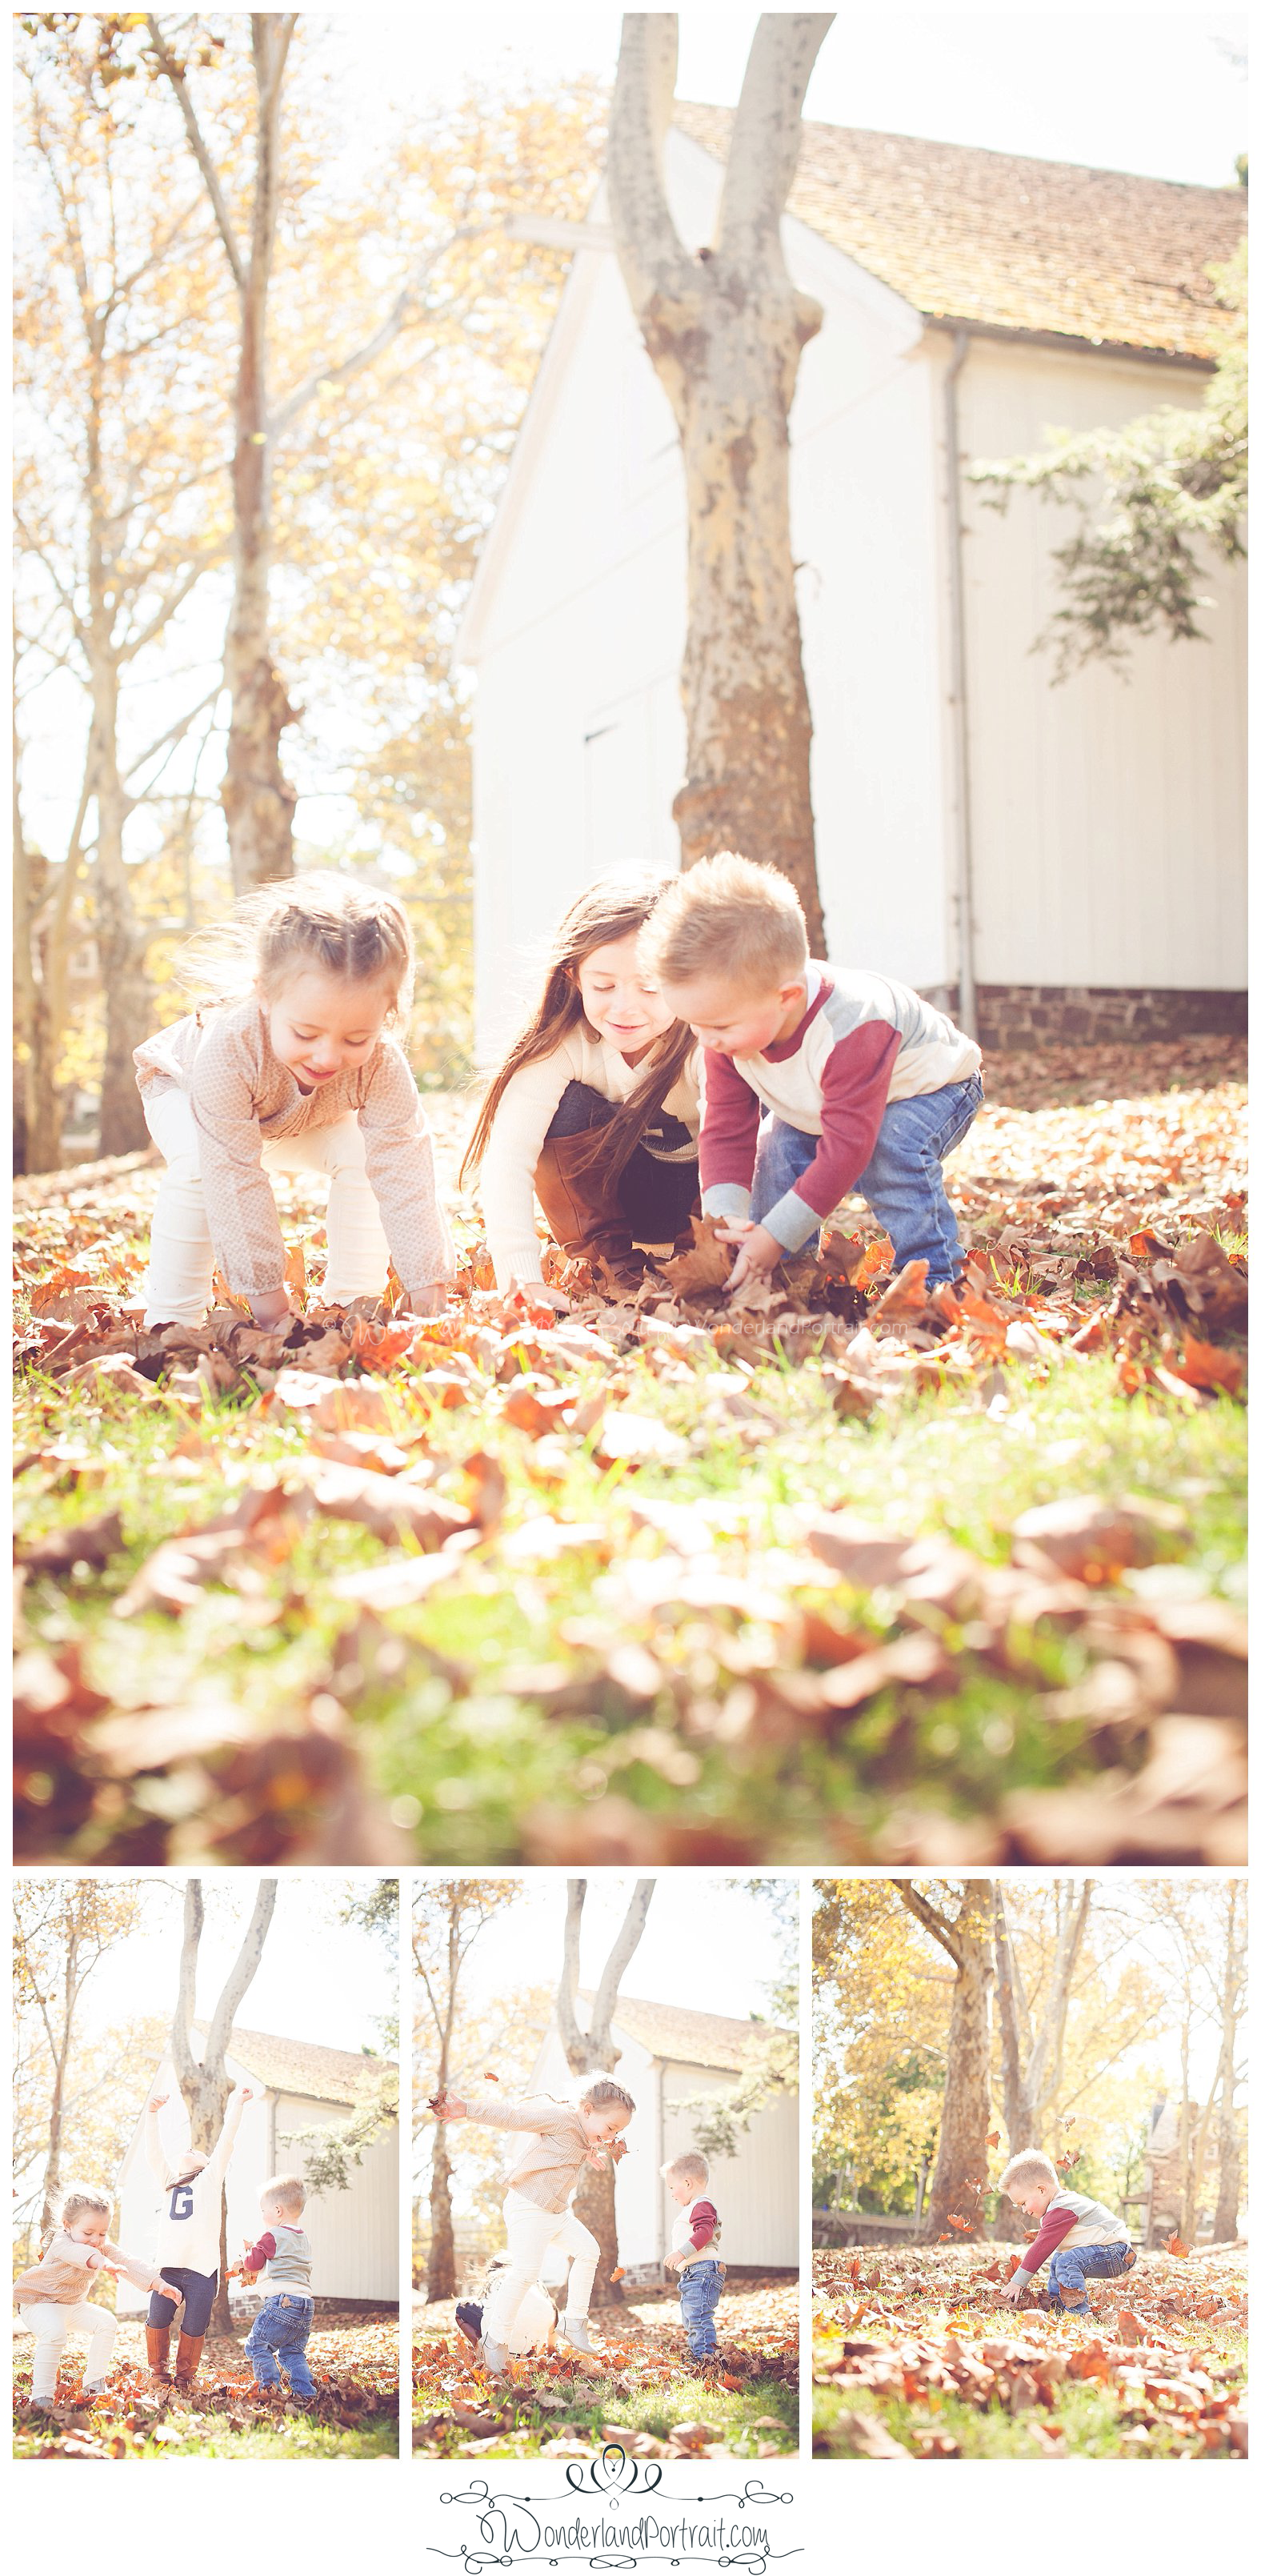 Bucks County PA Children & Family Photographer | Wonderland Portrait Boutique |   WonderlandPortrait.com | Facebook.com/WonderlandPB